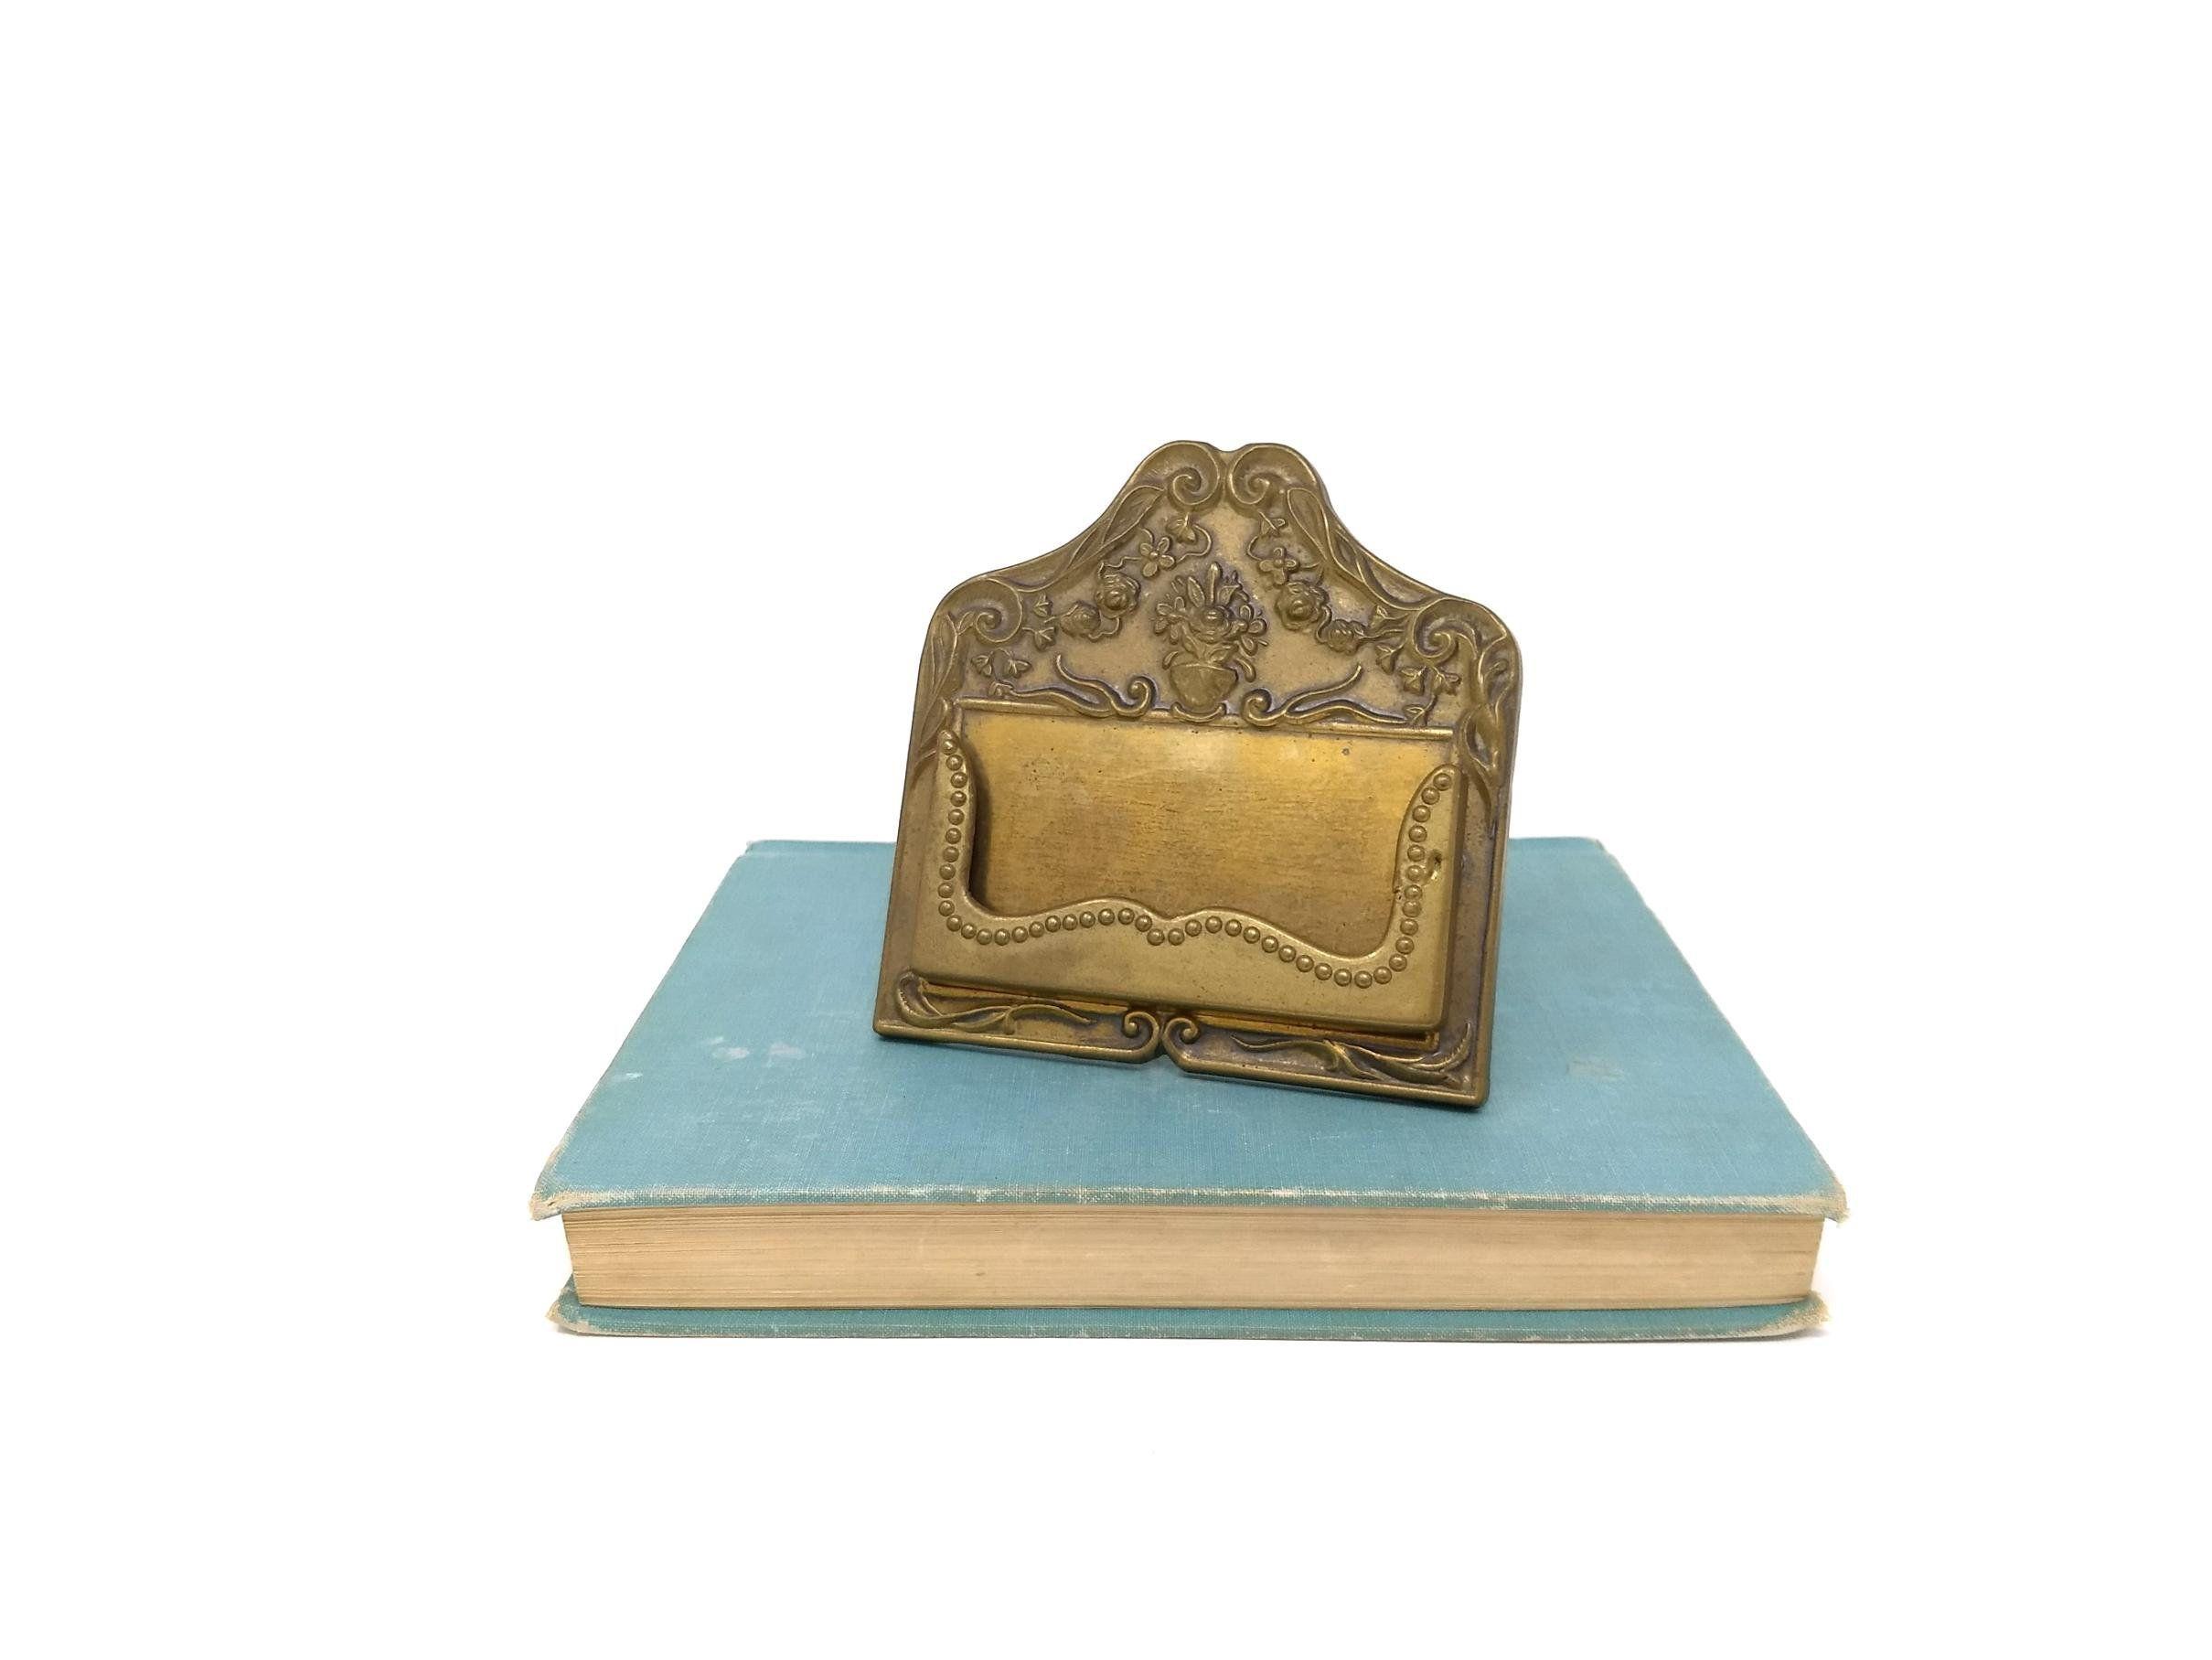 Vintage Brass Business Card Holder Stand Gold Display For Desk Card Holder Desk Personalized Business Card Holder Unique Business Cards